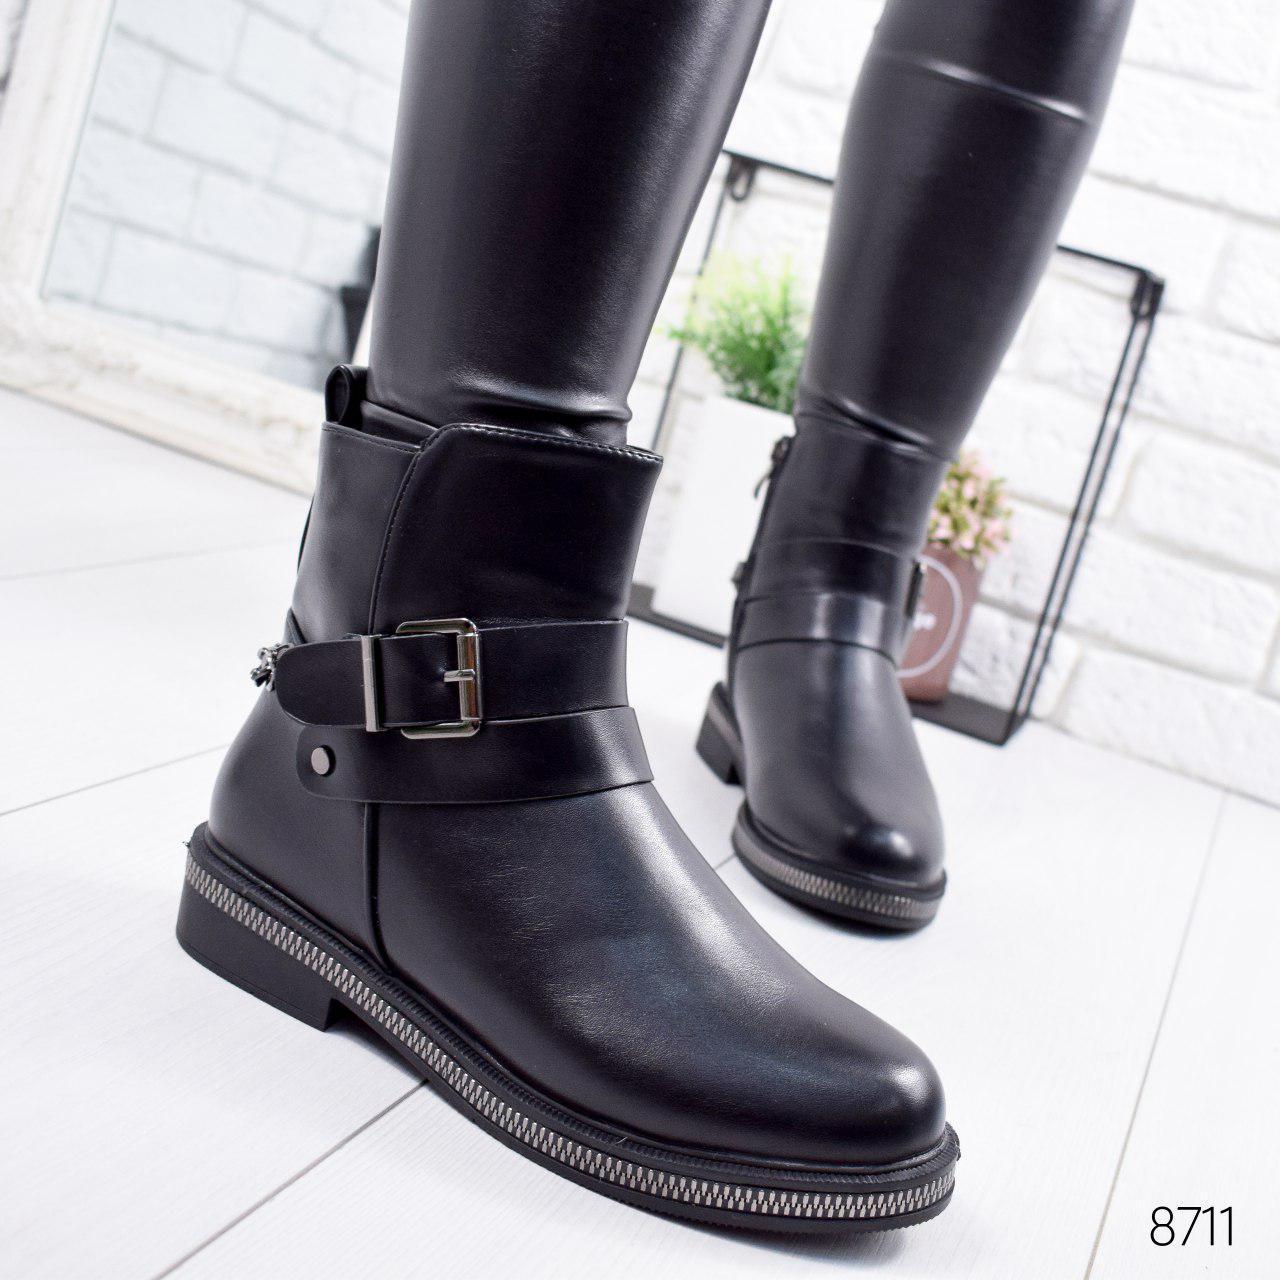 """Ботинки женские зимние """"Euwey"""" черного цвета из эко кожи. Ботильоны женские. Ботильоны зима"""